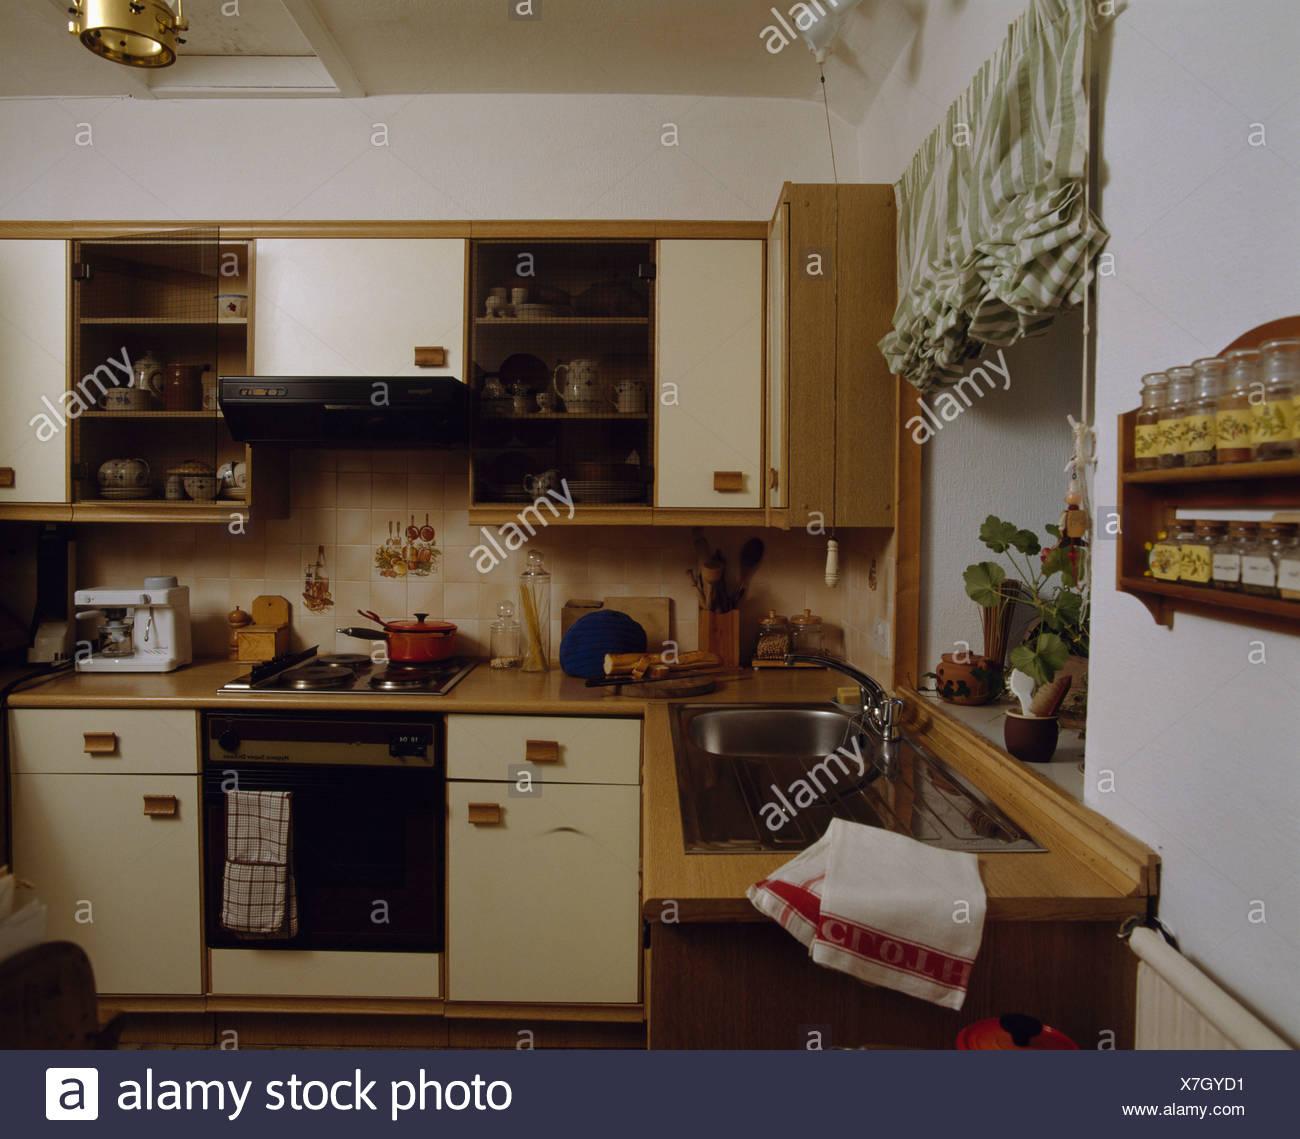 70er Jahre Küche mit Backofen Stockfoto, Bild: 280041245 - Alamy